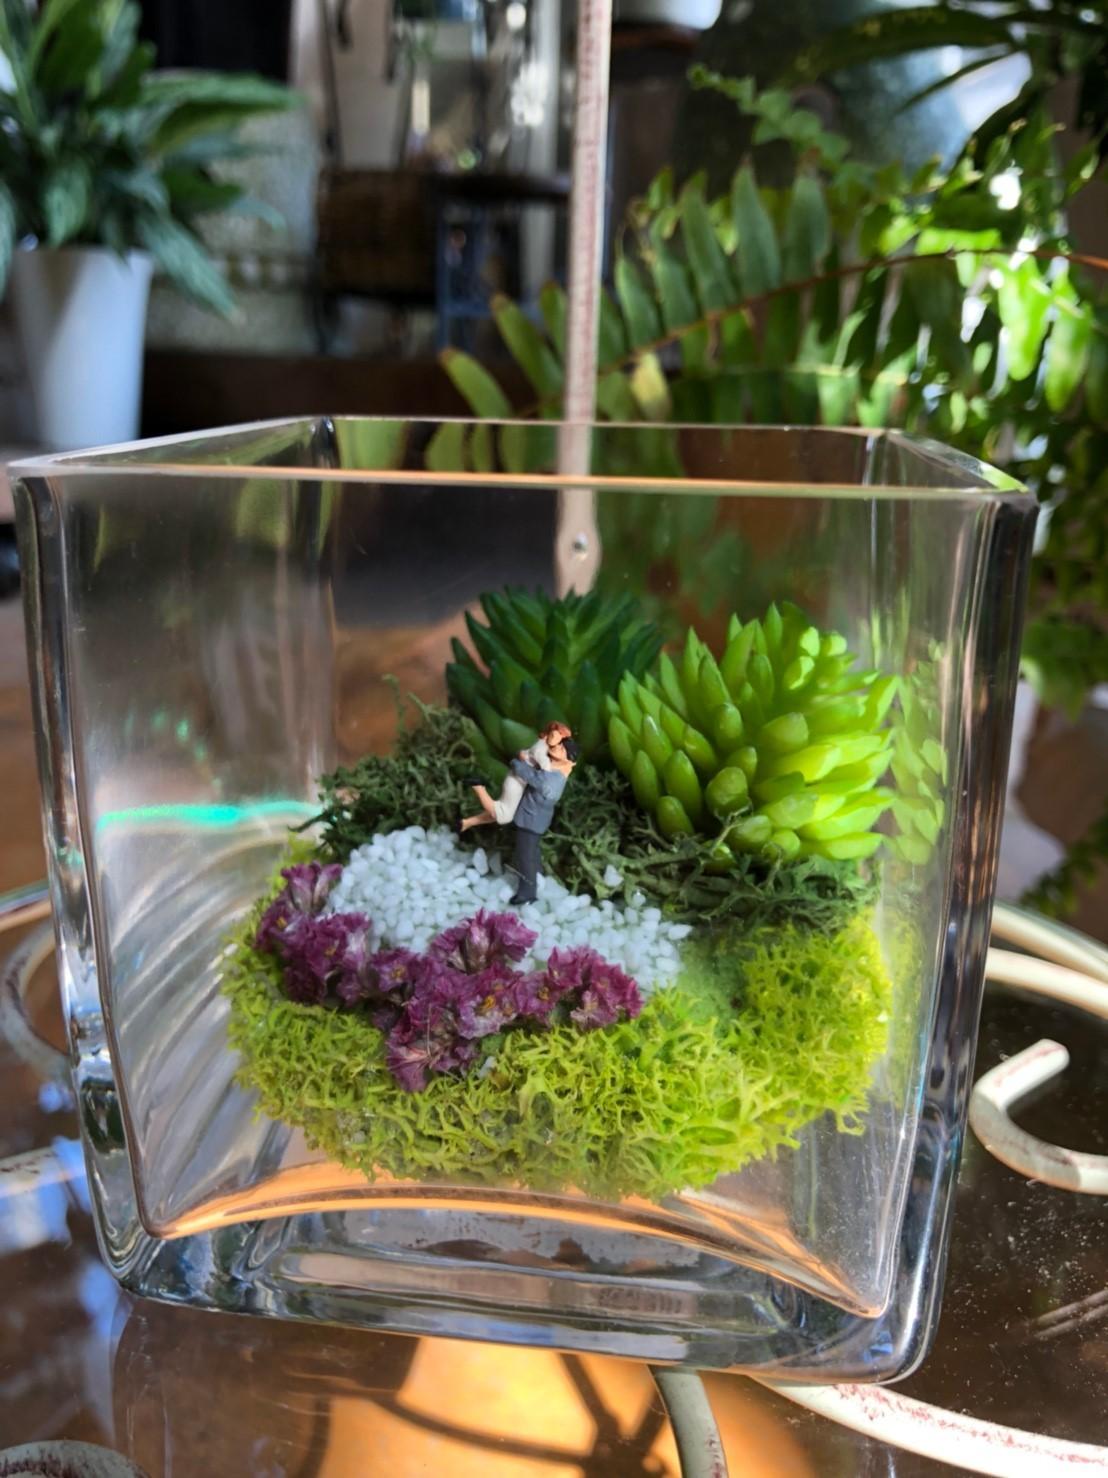 フェイカーズ グラスワールド ハグ - FAKER'S GLASS WORLD HUG